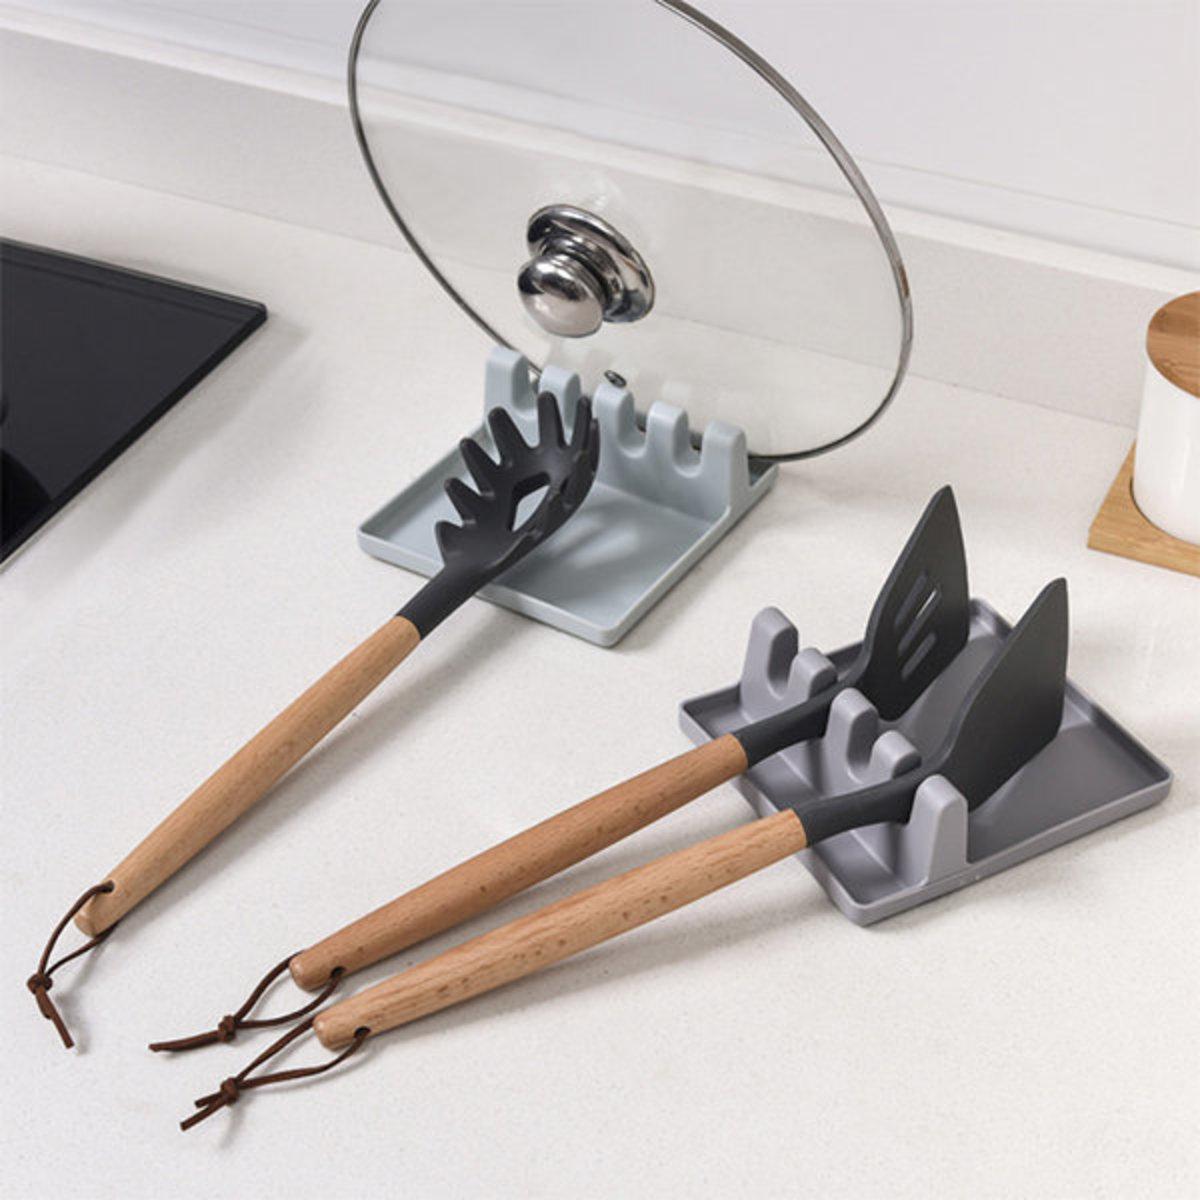 廚房鍋鏟湯勺筷子鍋蓋置物架